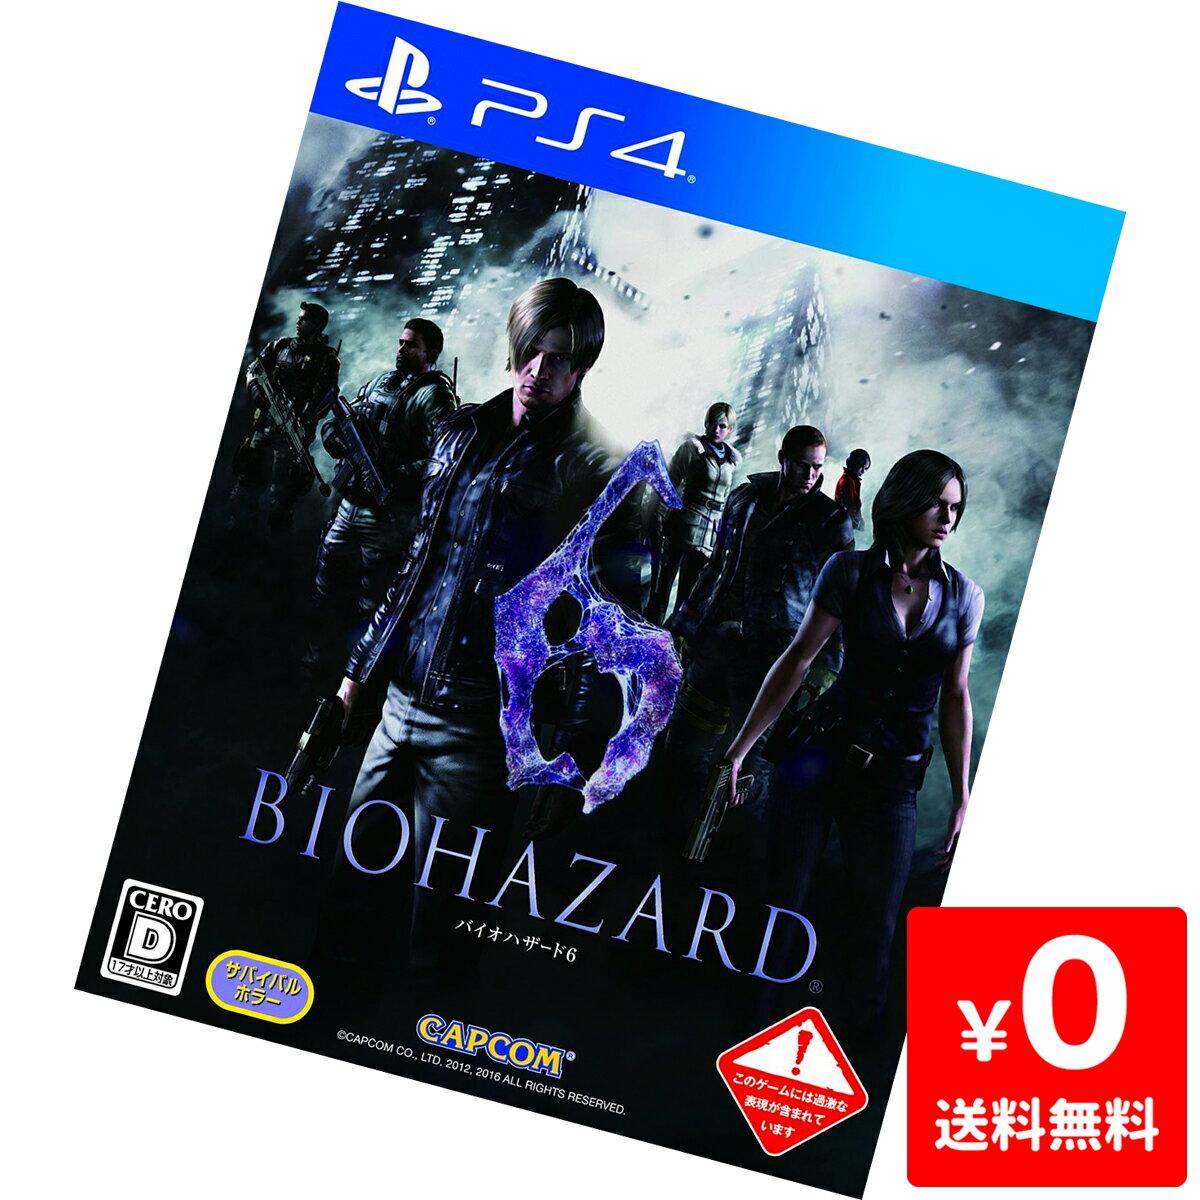 プレイステーション4, ソフト PS4 4 6 - PS4 PlayStation4 SONY 4976219080088